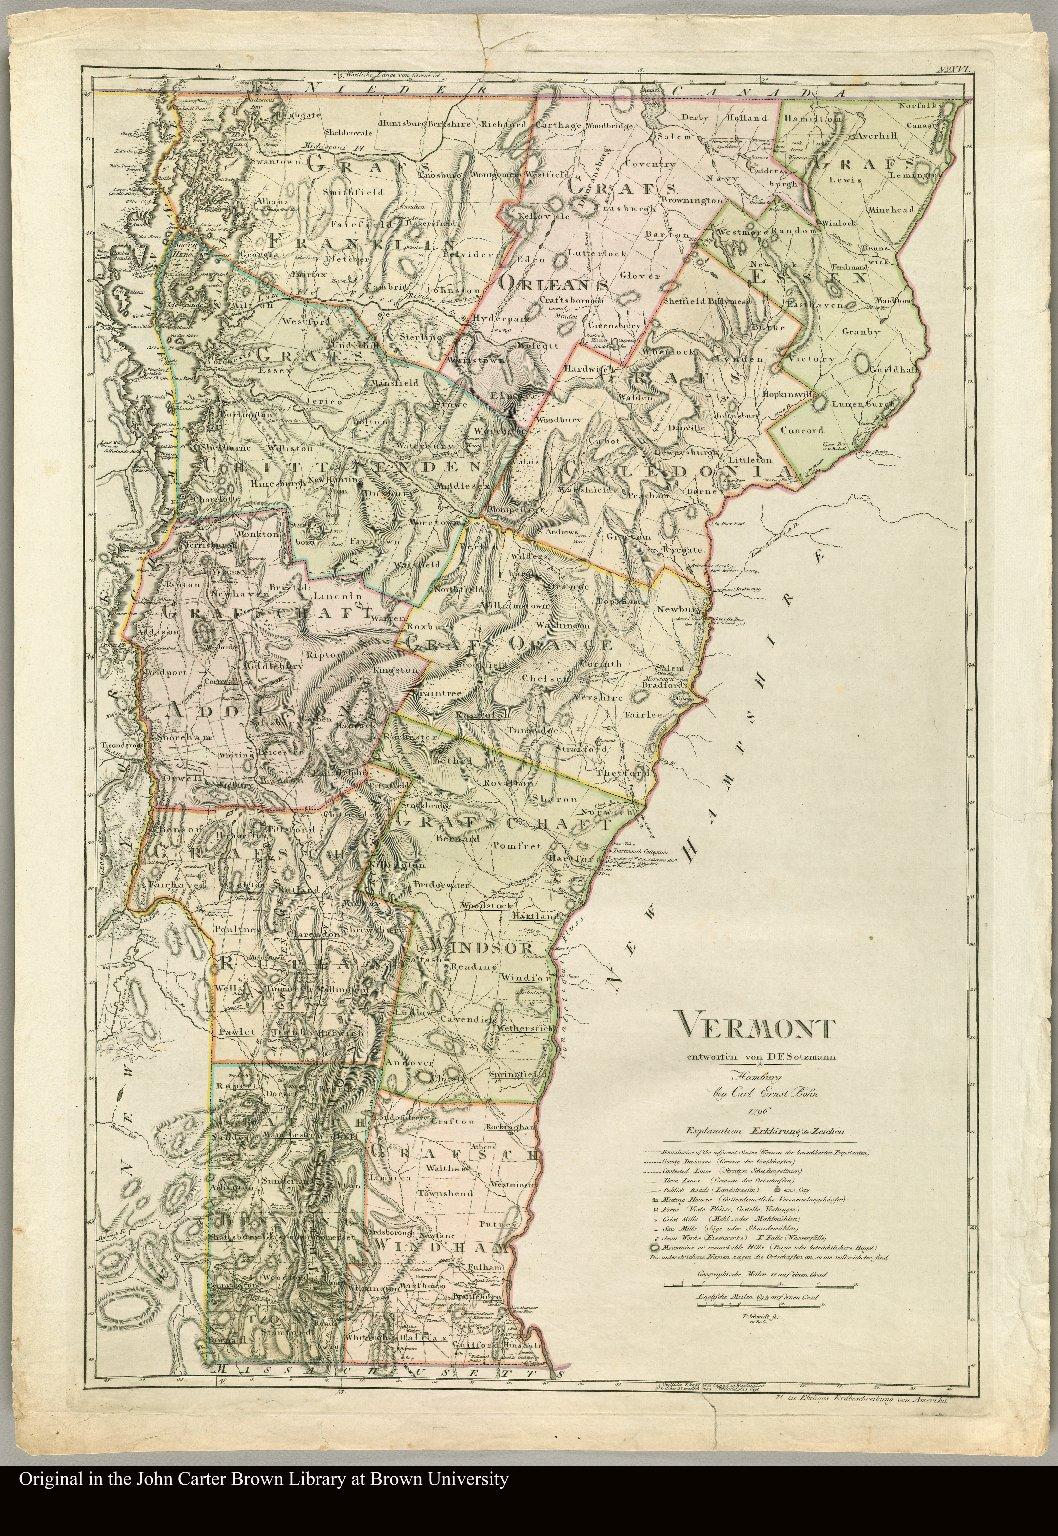 Vermont entworfen von D.F. Sotzmann P. Schmidt sc. zu Berlin